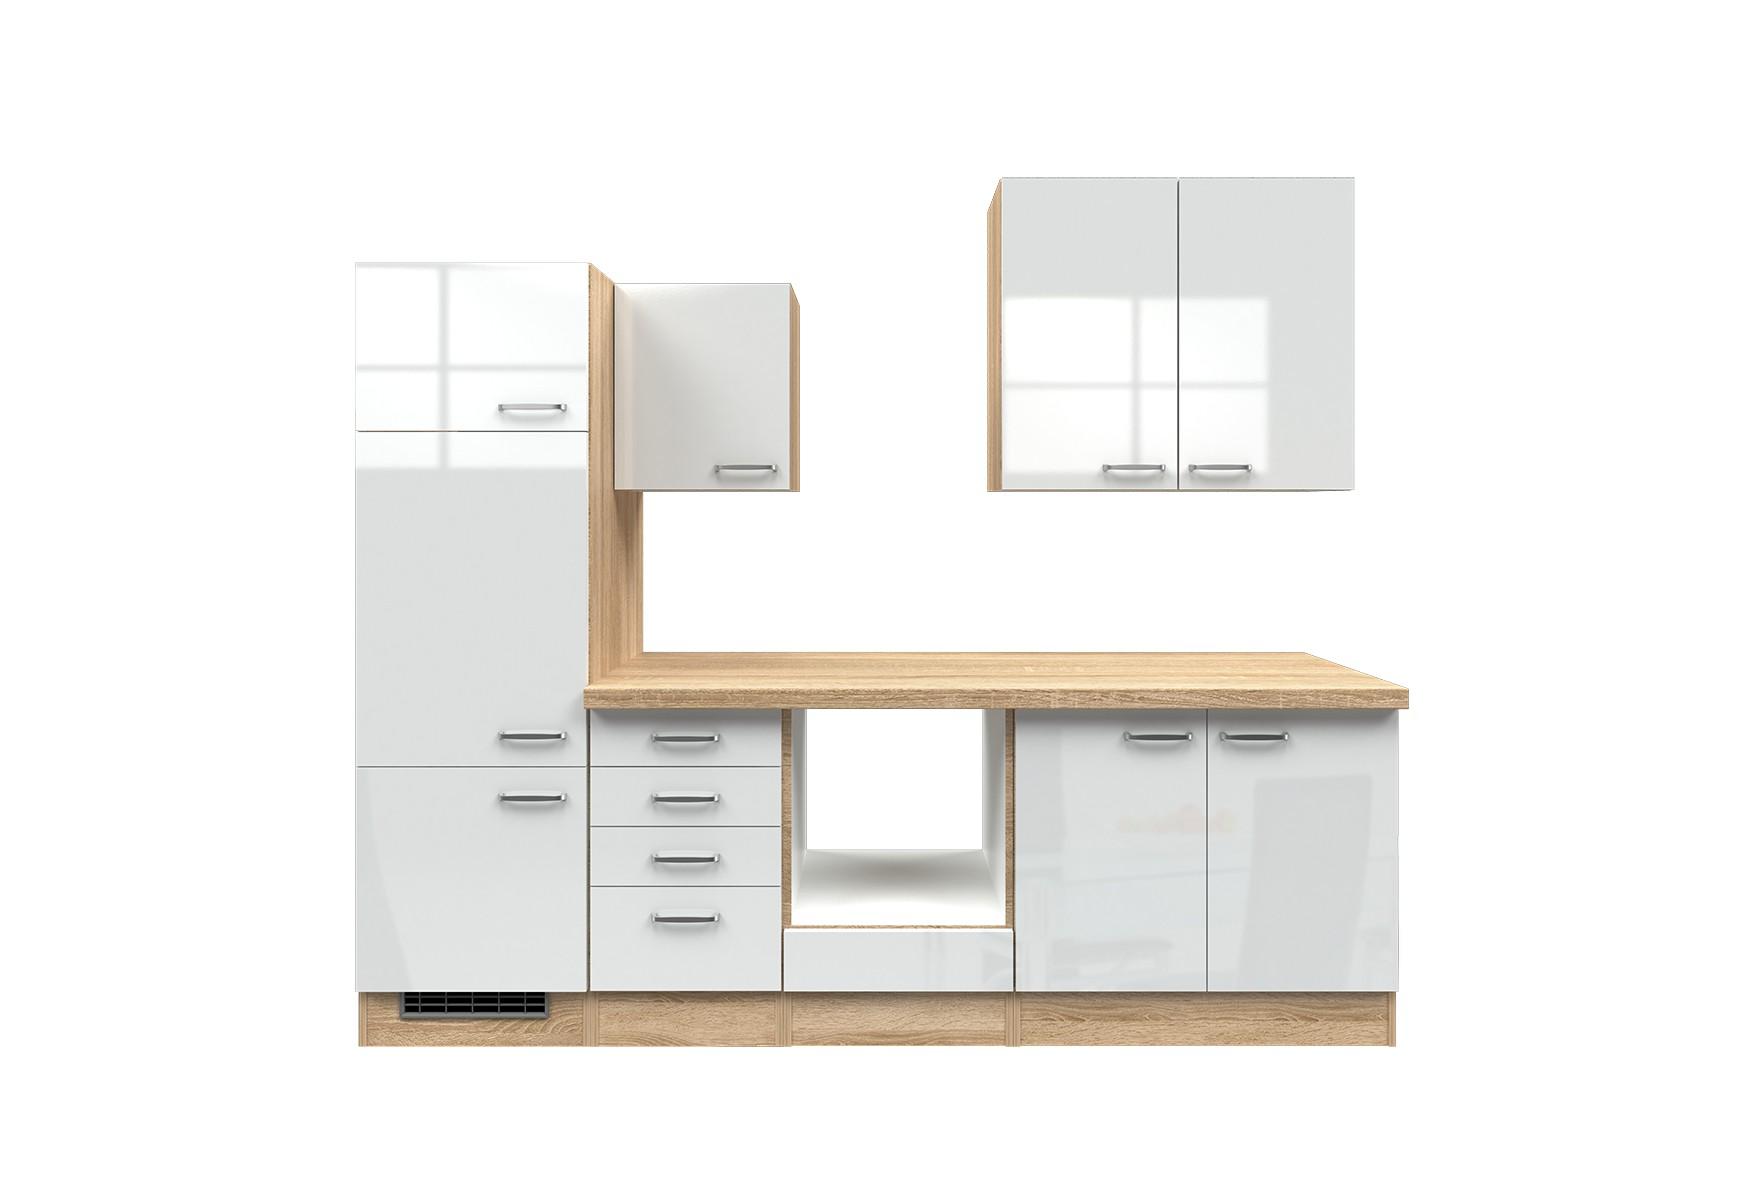 k chenblock venedig k chenzeile k chen leerblock mit auszugschrank 270 cm weiss. Black Bedroom Furniture Sets. Home Design Ideas